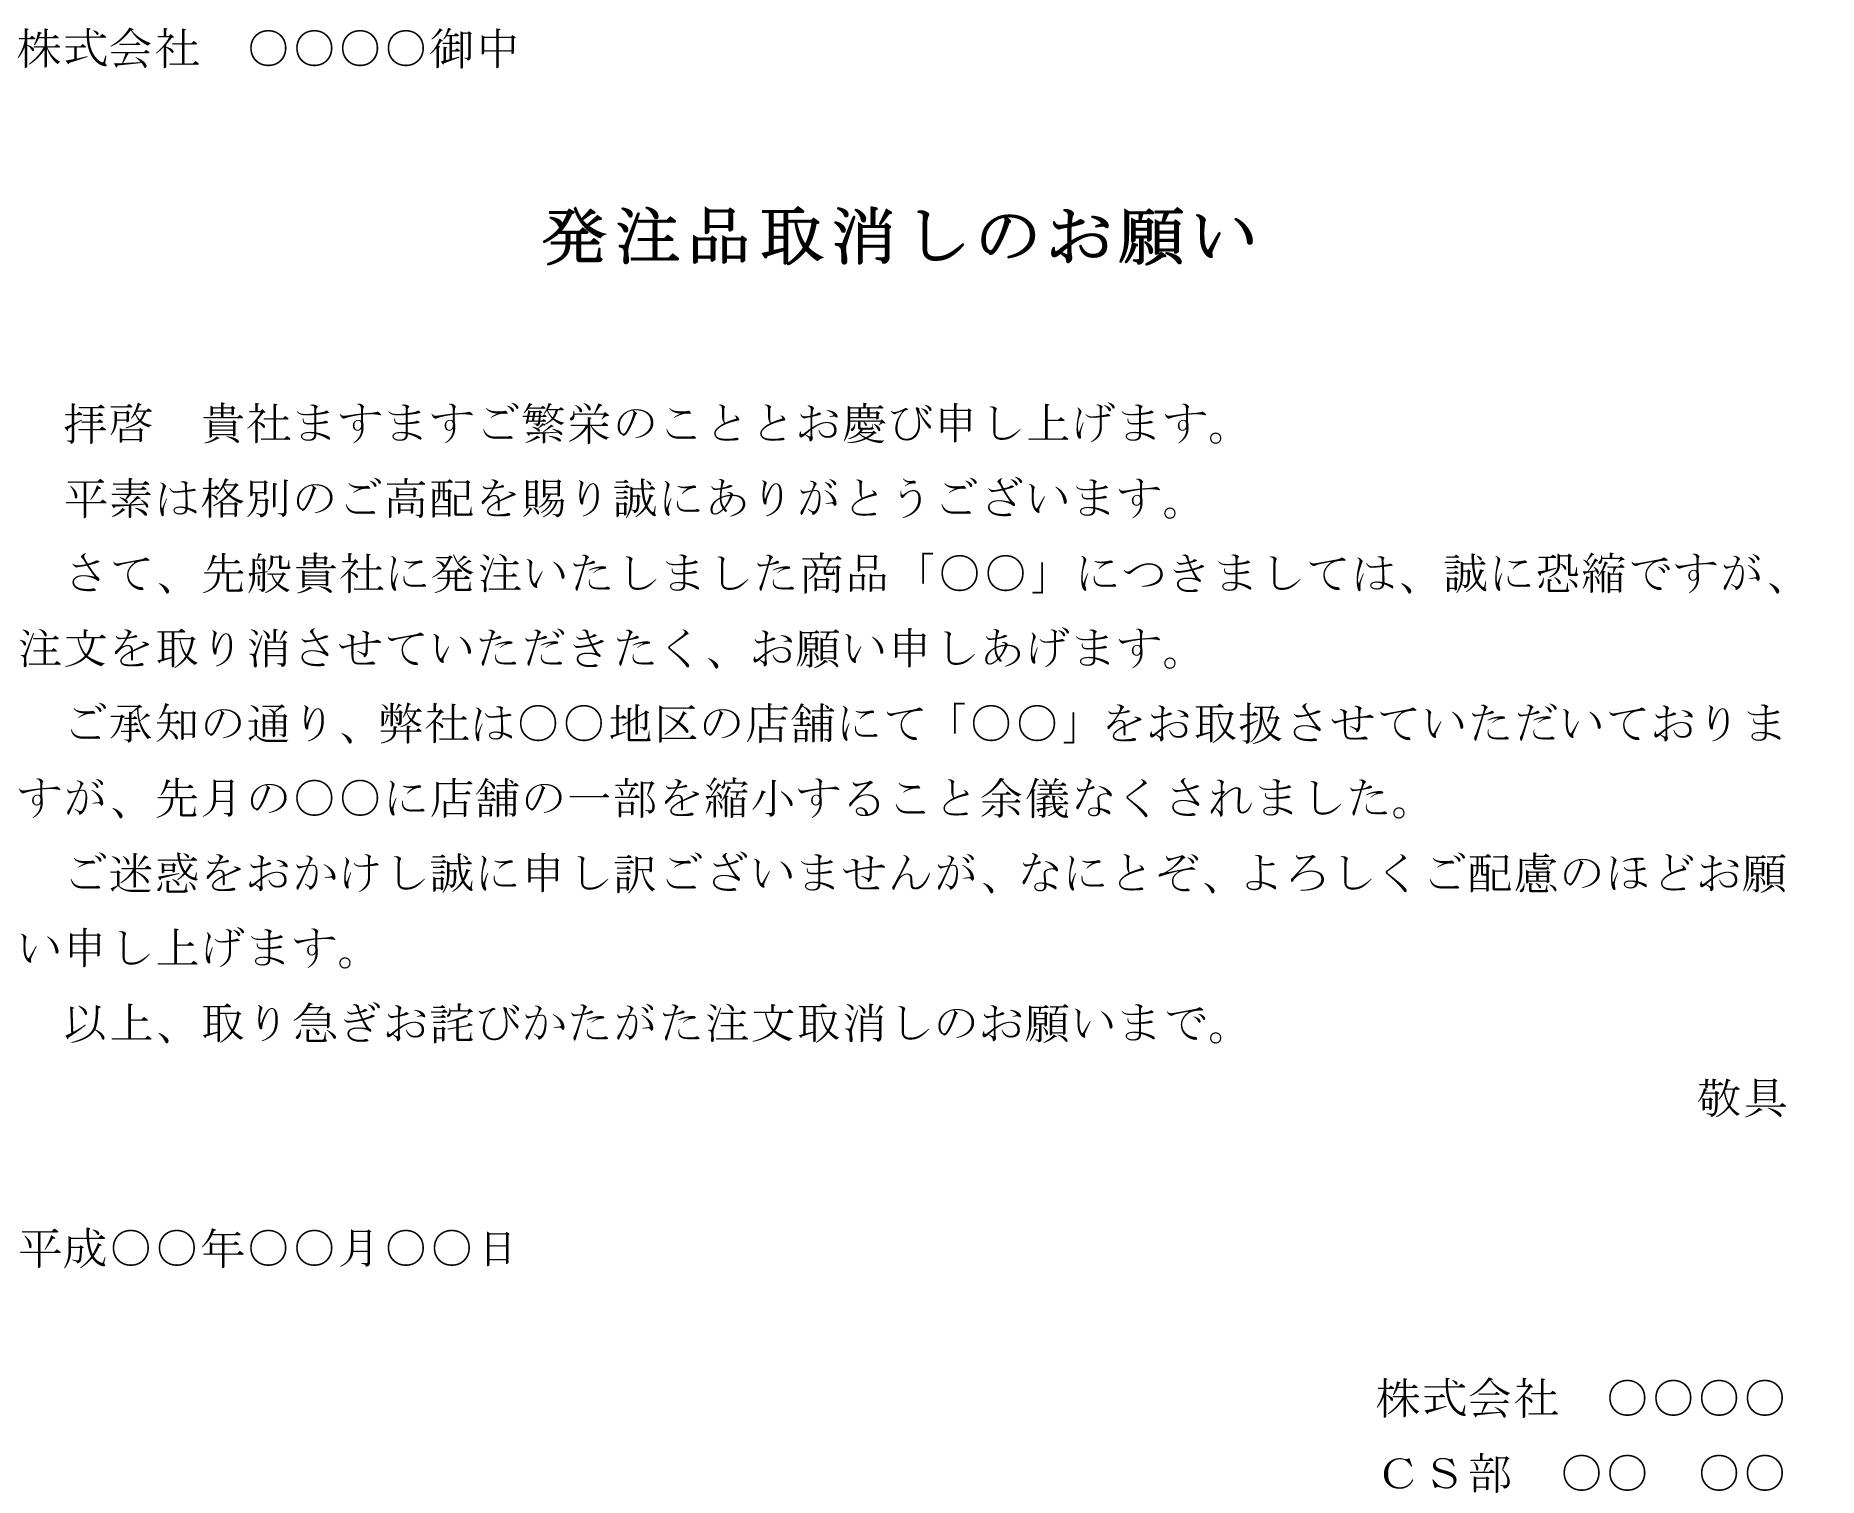 お詫び状(発注品取り消し)